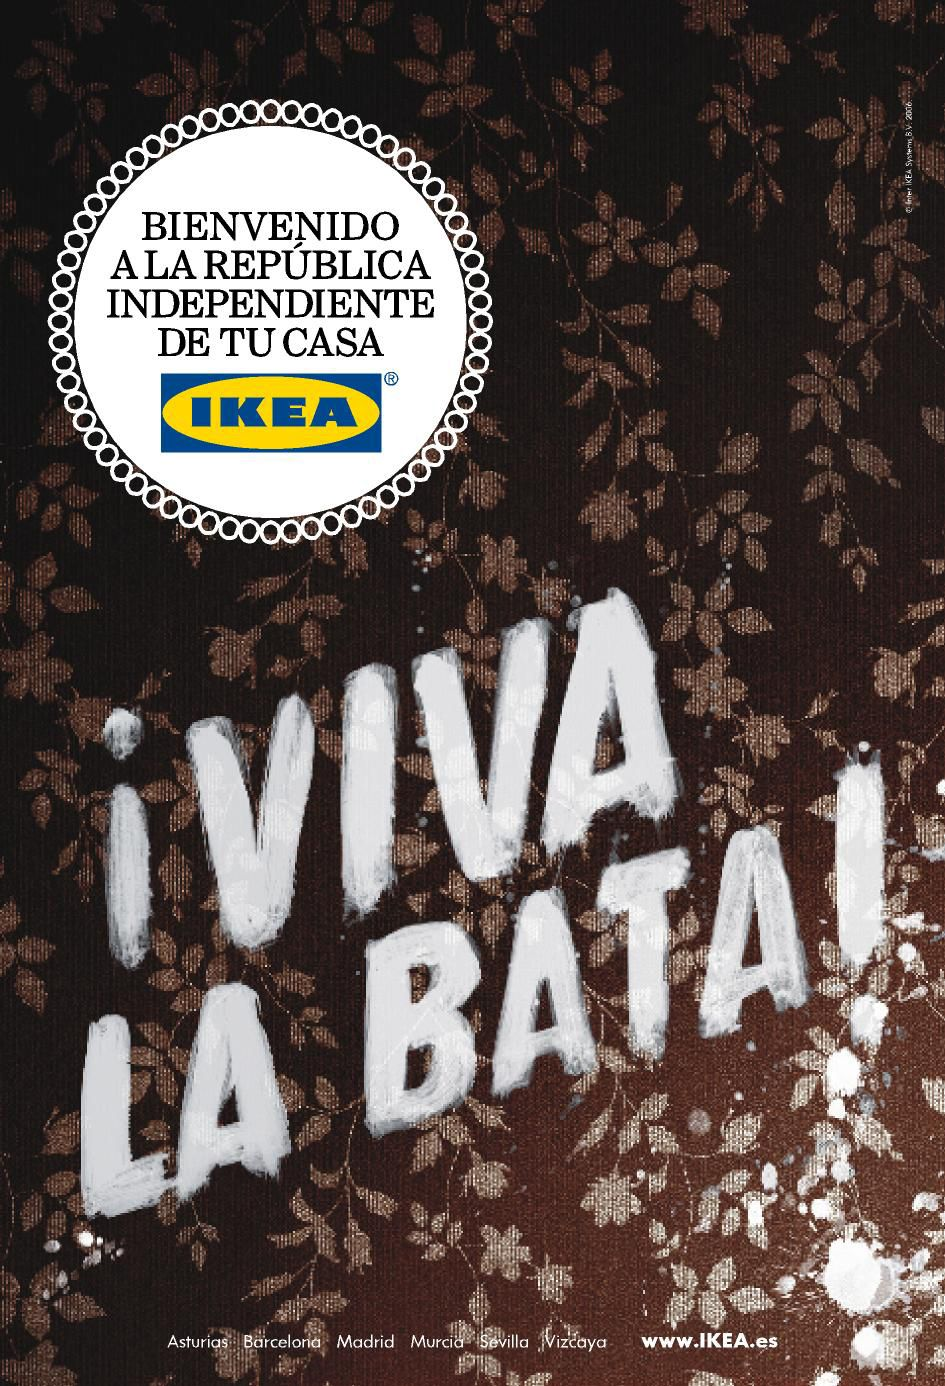 IKEA. Bienvenido a la república independiente de tu casa. Idea & creative direction for scpf.